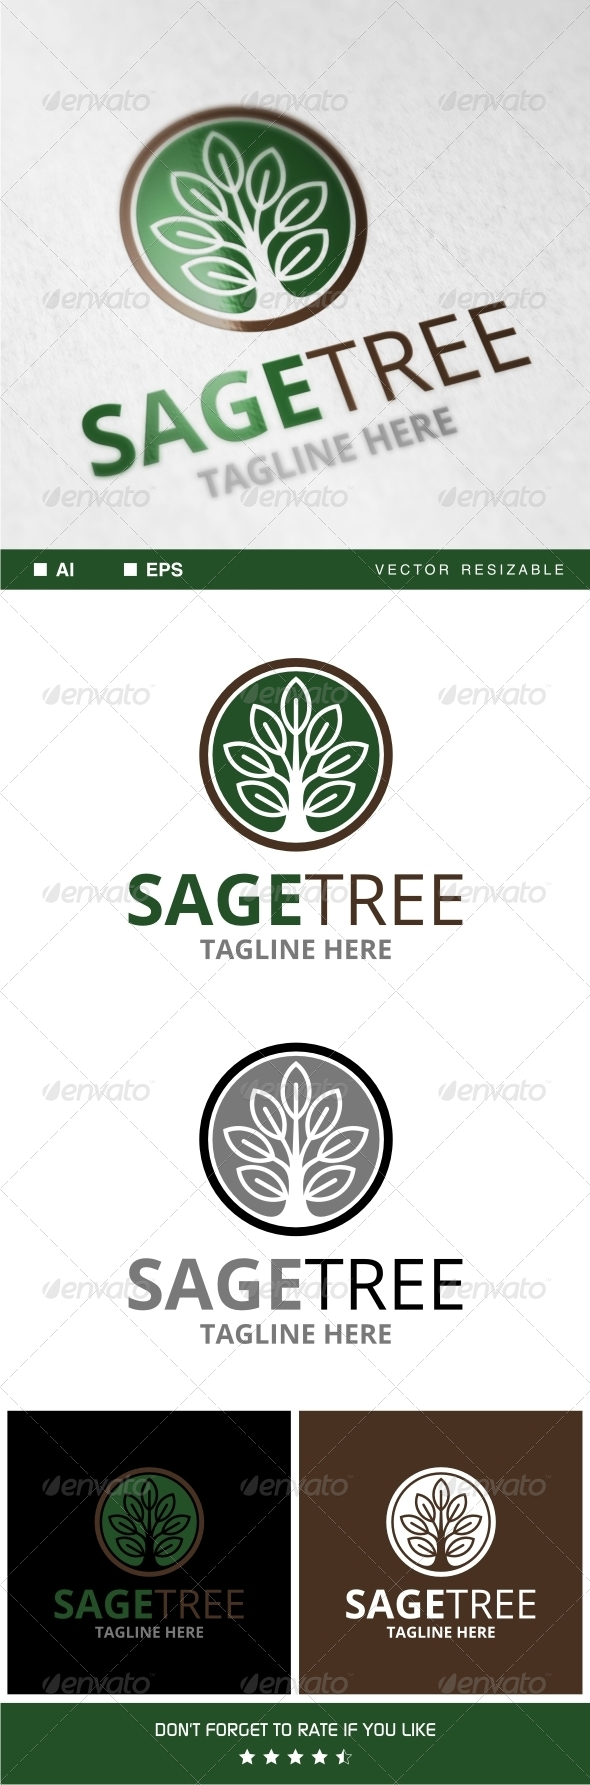 GraphicRiver Sagetree Logo 7742018